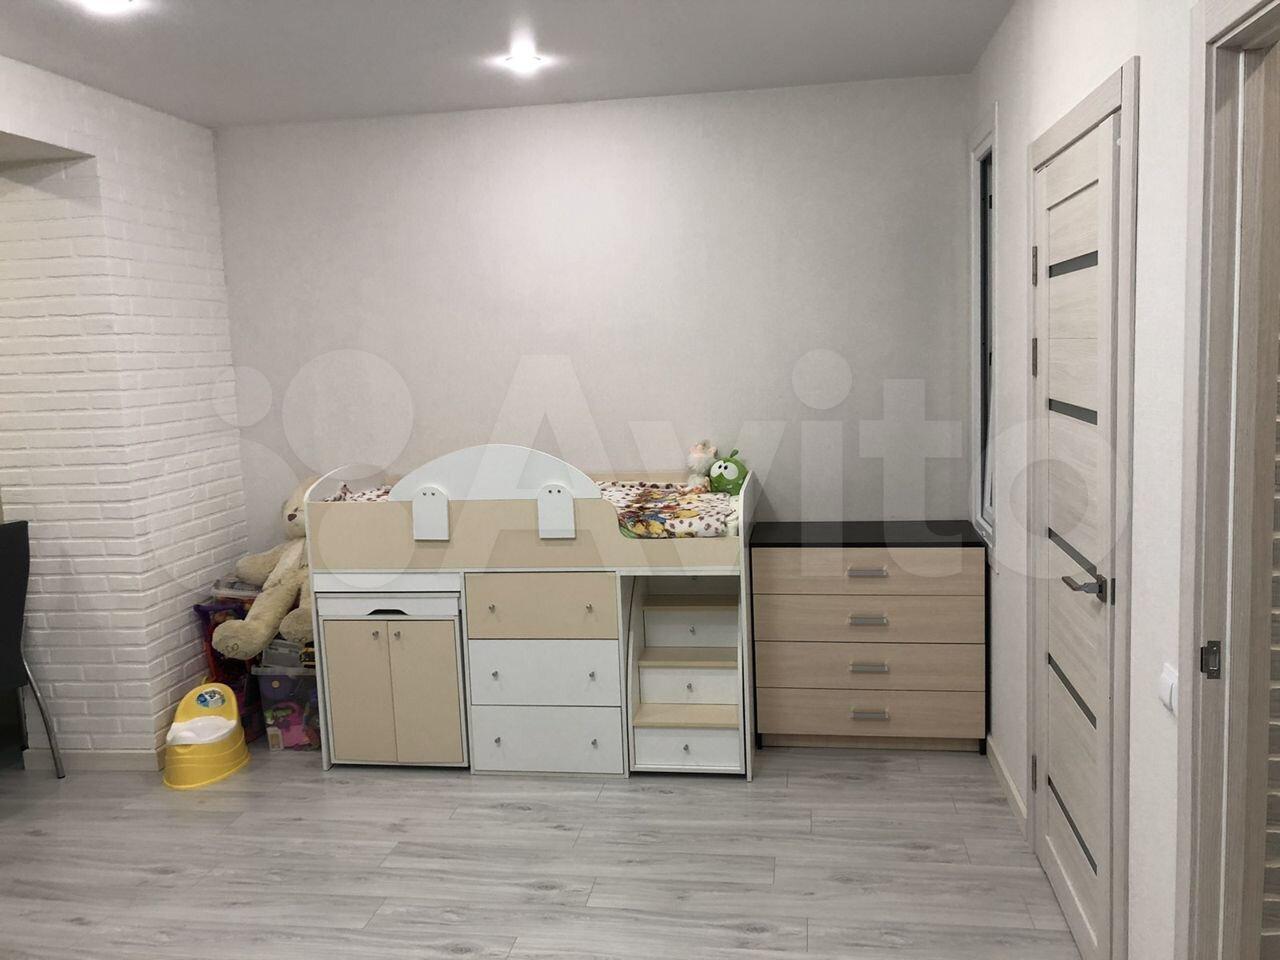 1-к квартира, 41 м², 9/14 эт.  89087178197 купить 7